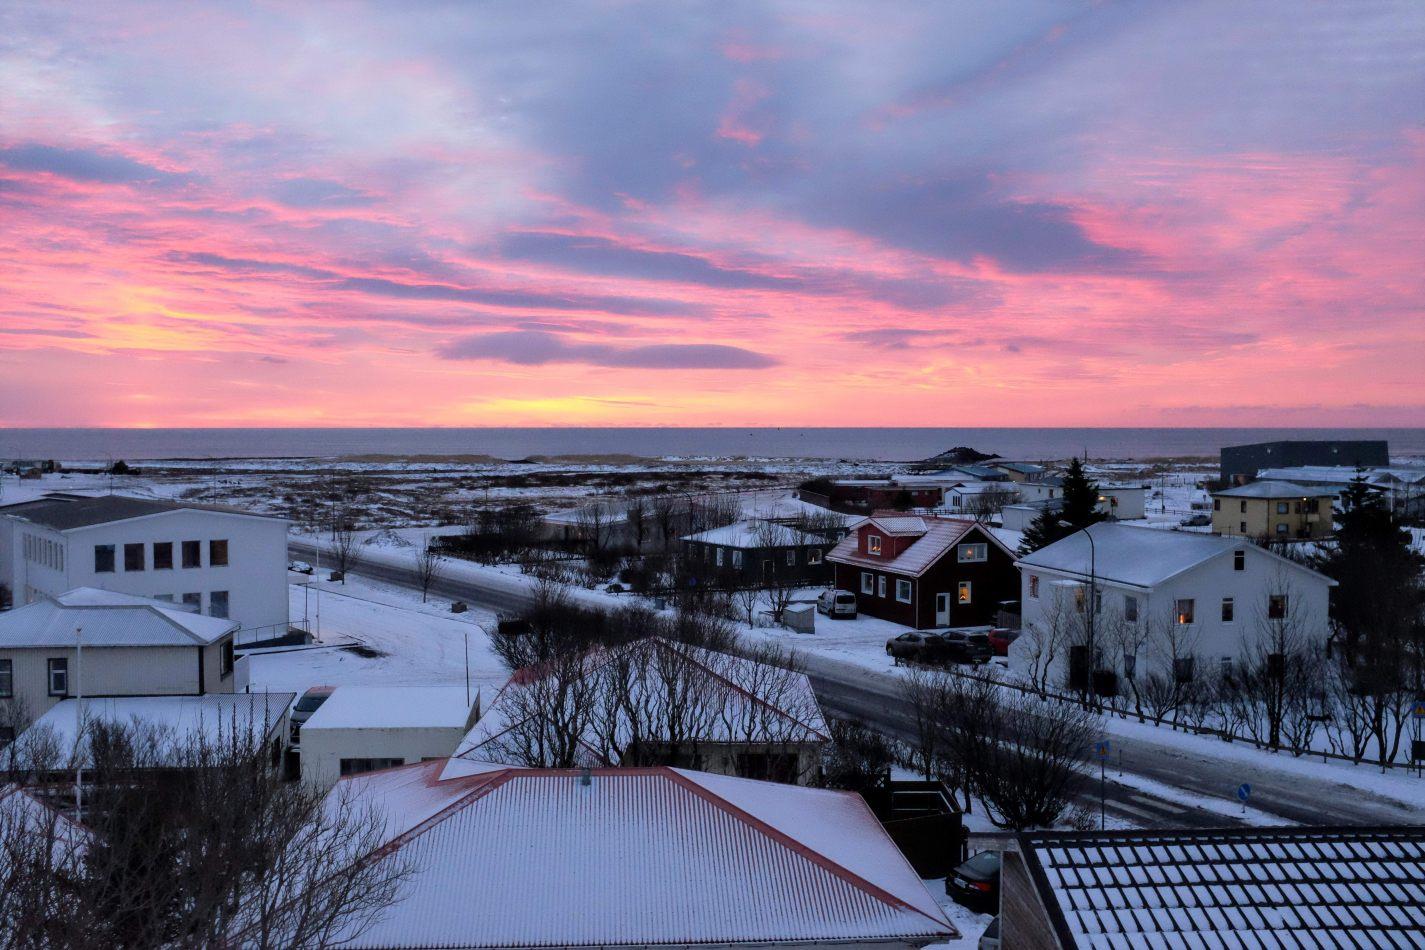 Hibiscus & Nomada : - - Sunrise in Vik